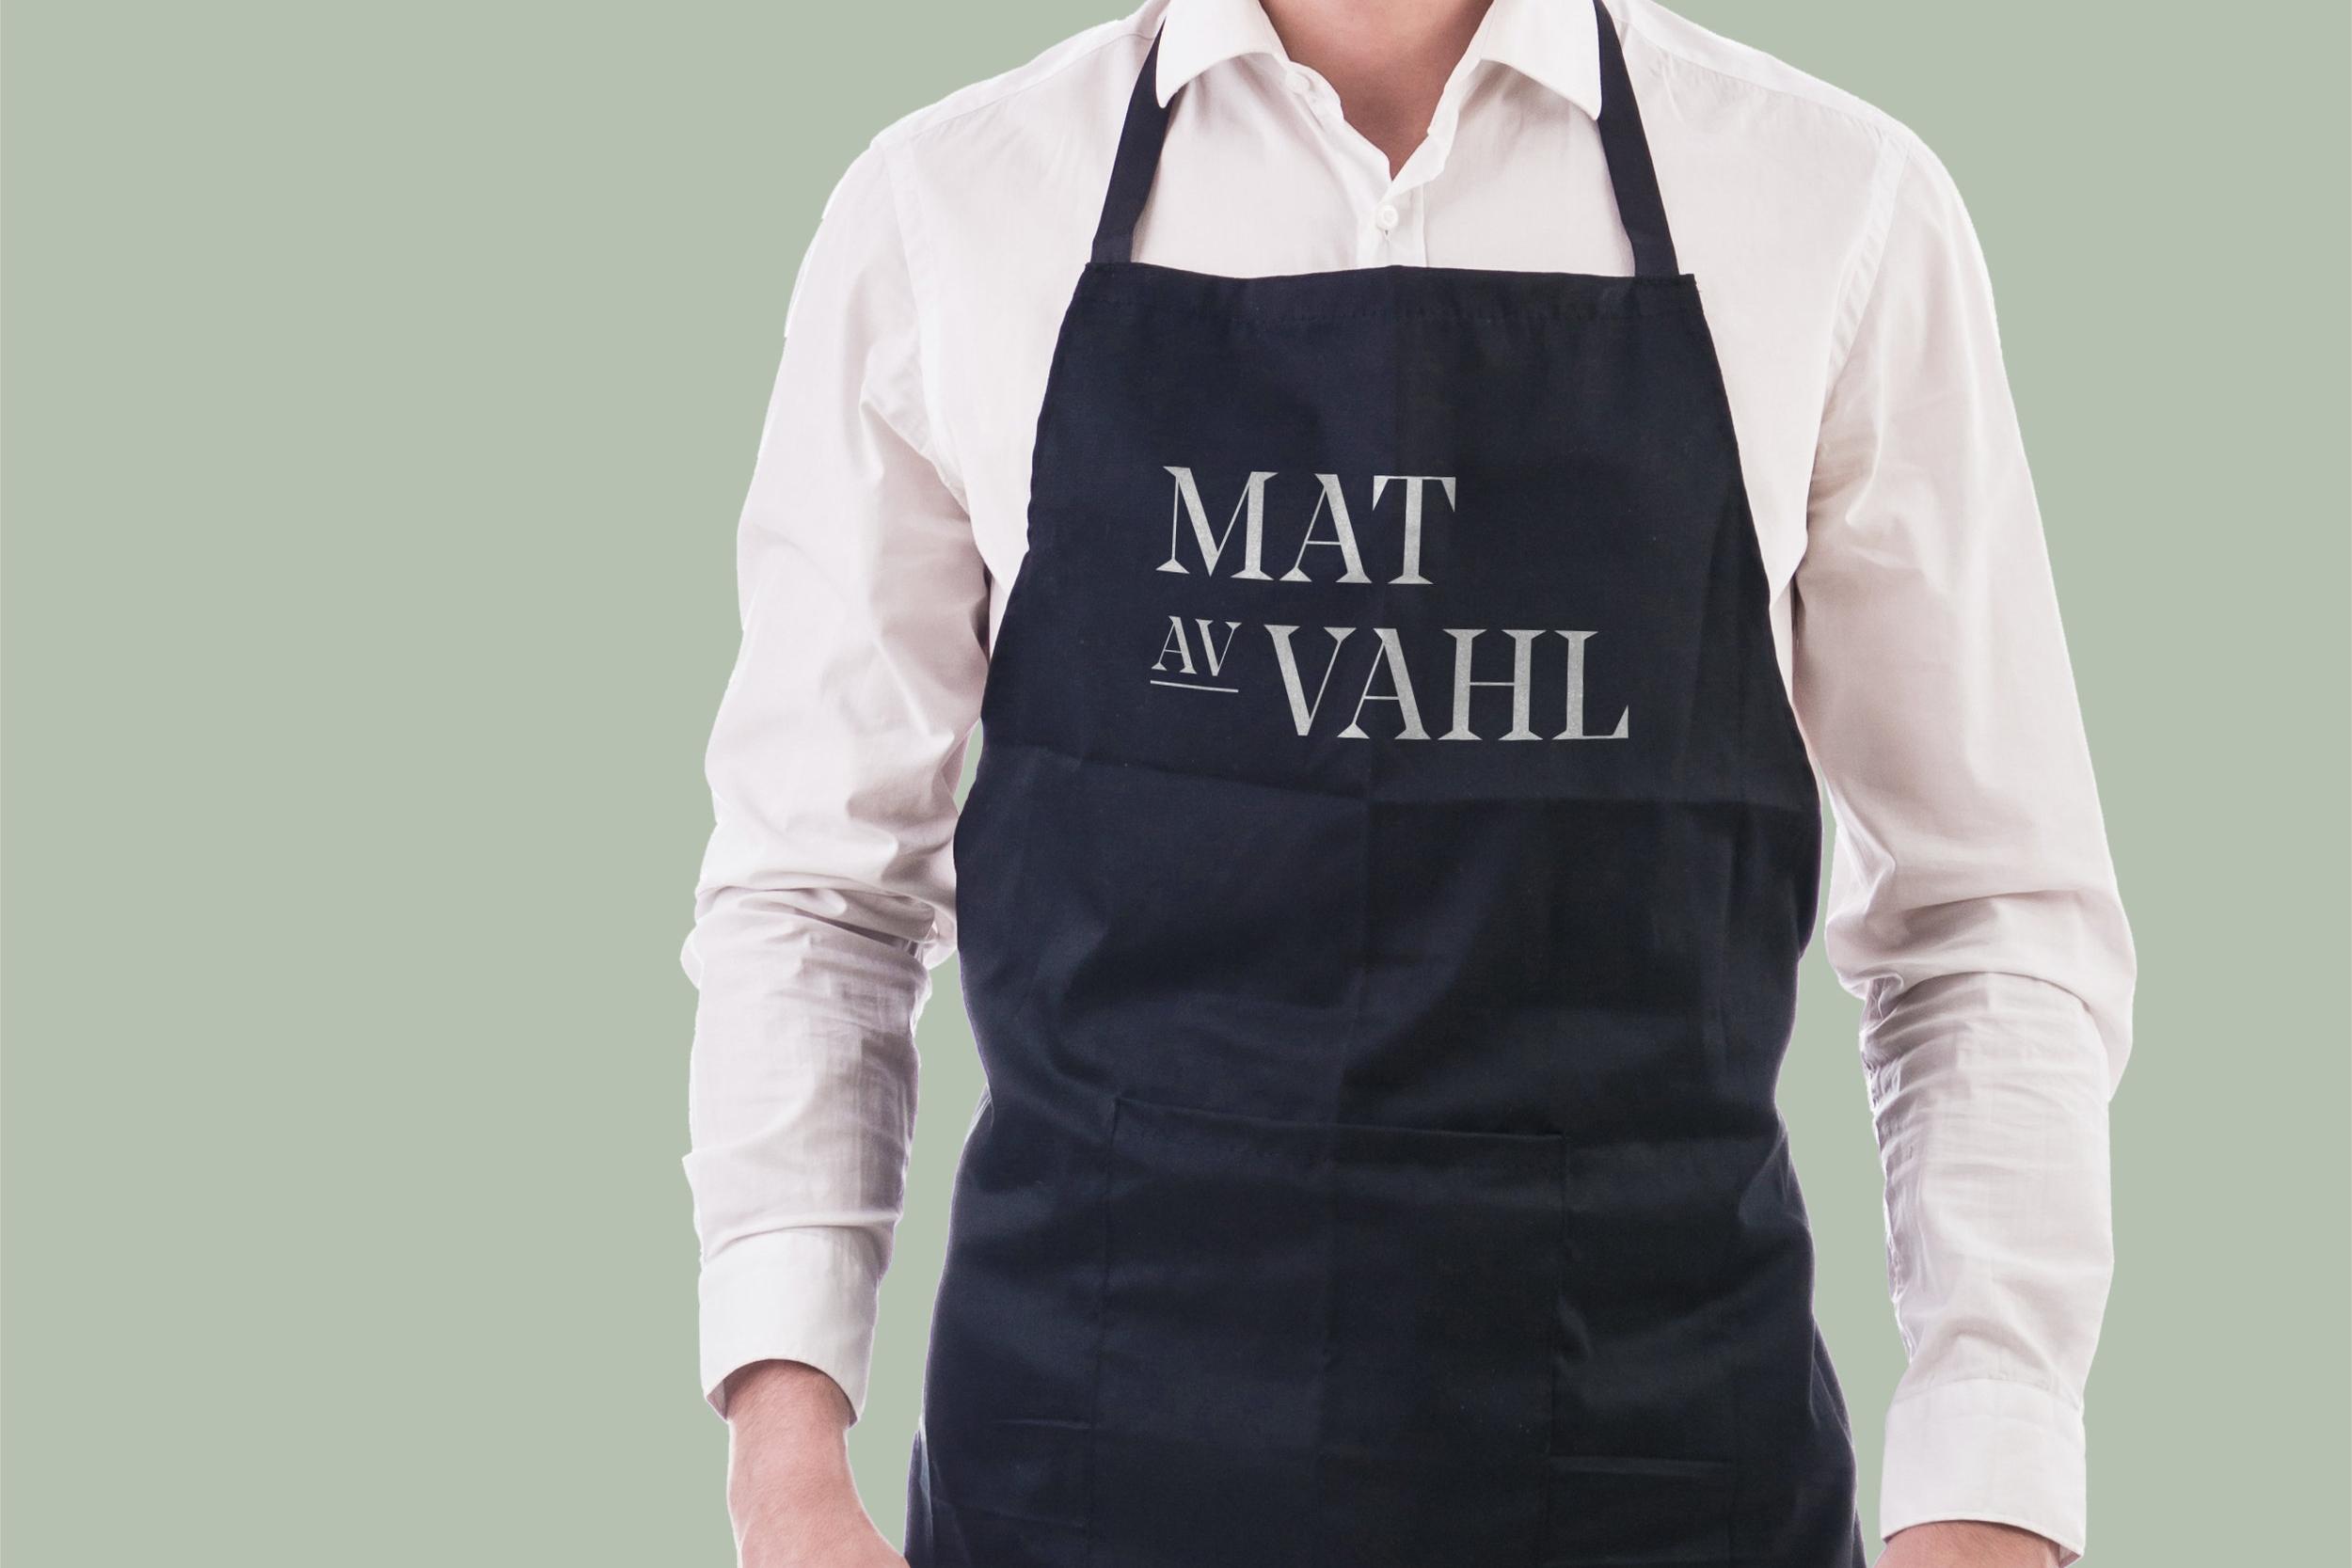 Re-designing Mat av Vahl's visual identity -